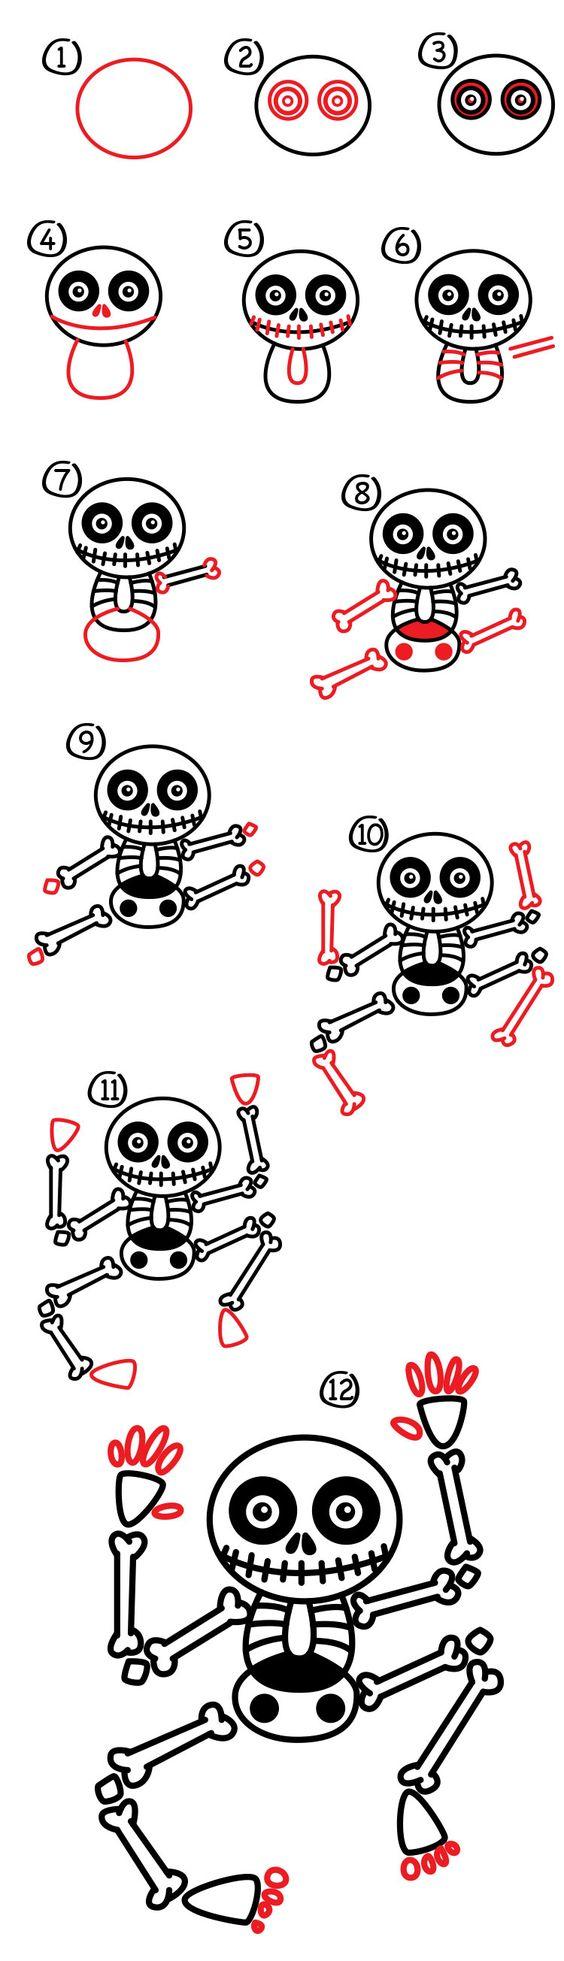 Cool Step by step Skeleton